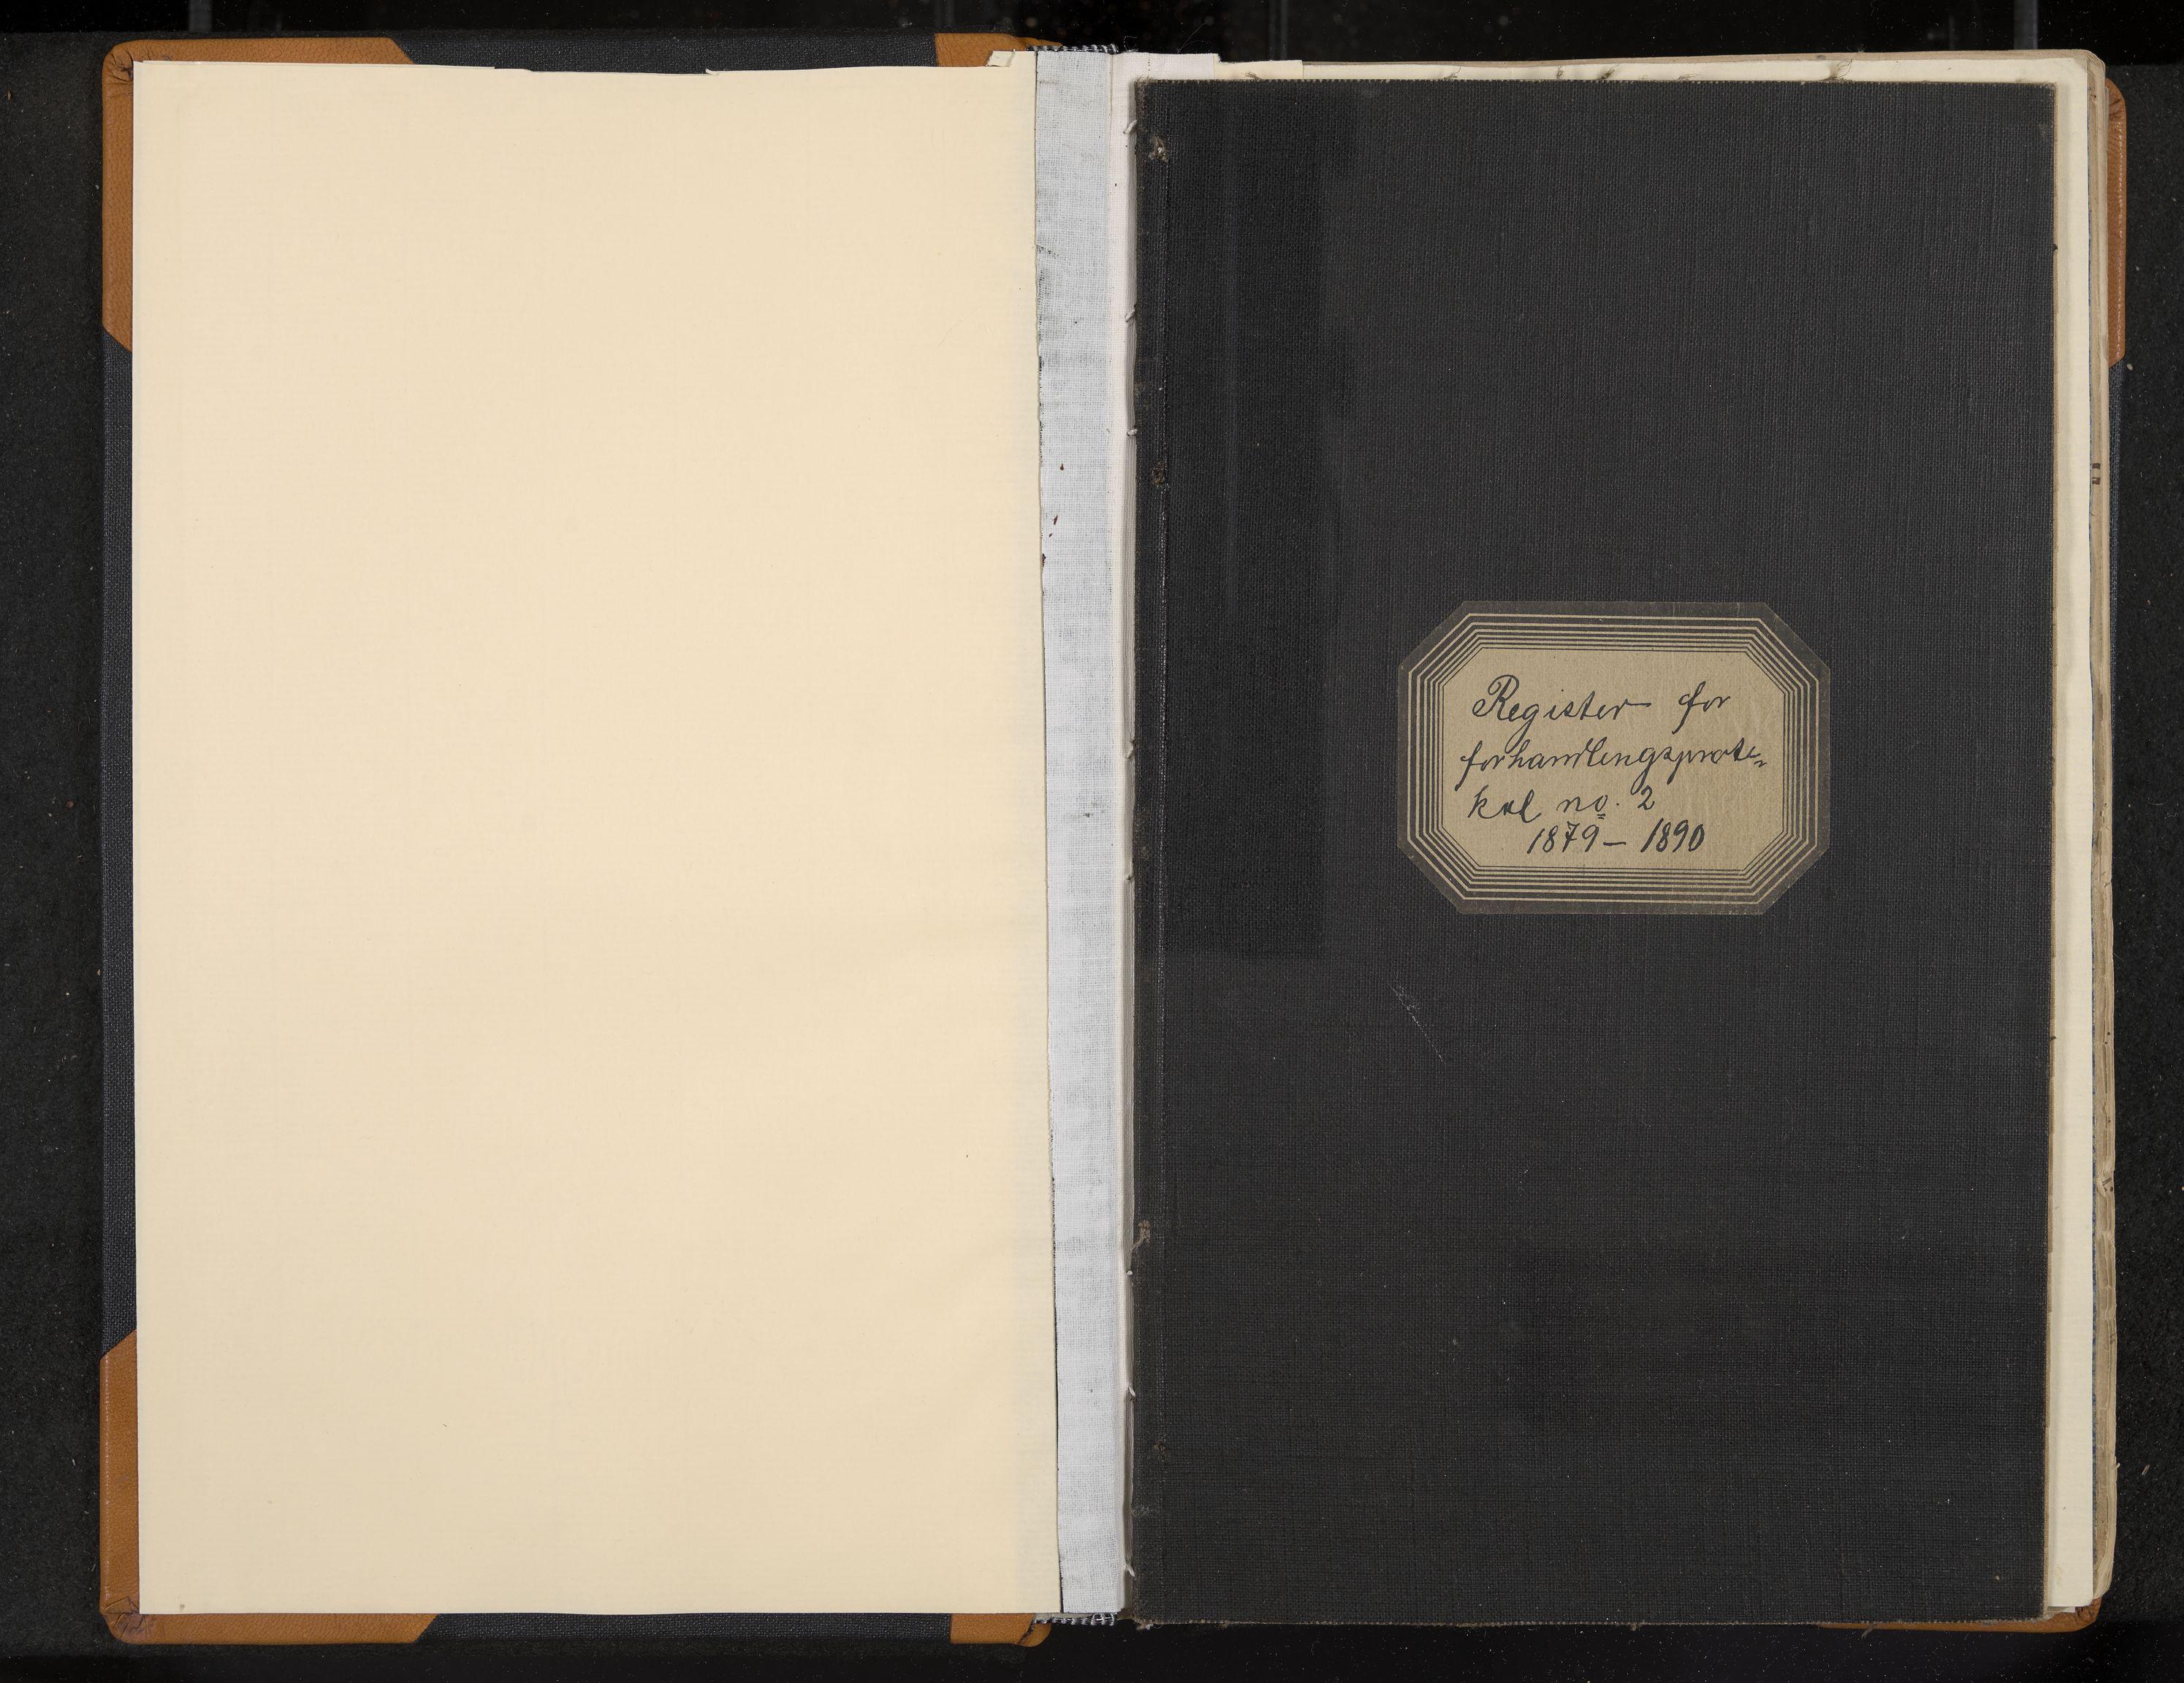 IKAK, Seljord formannskap, Aa/L0002: Møtebok med register, 1879-1890